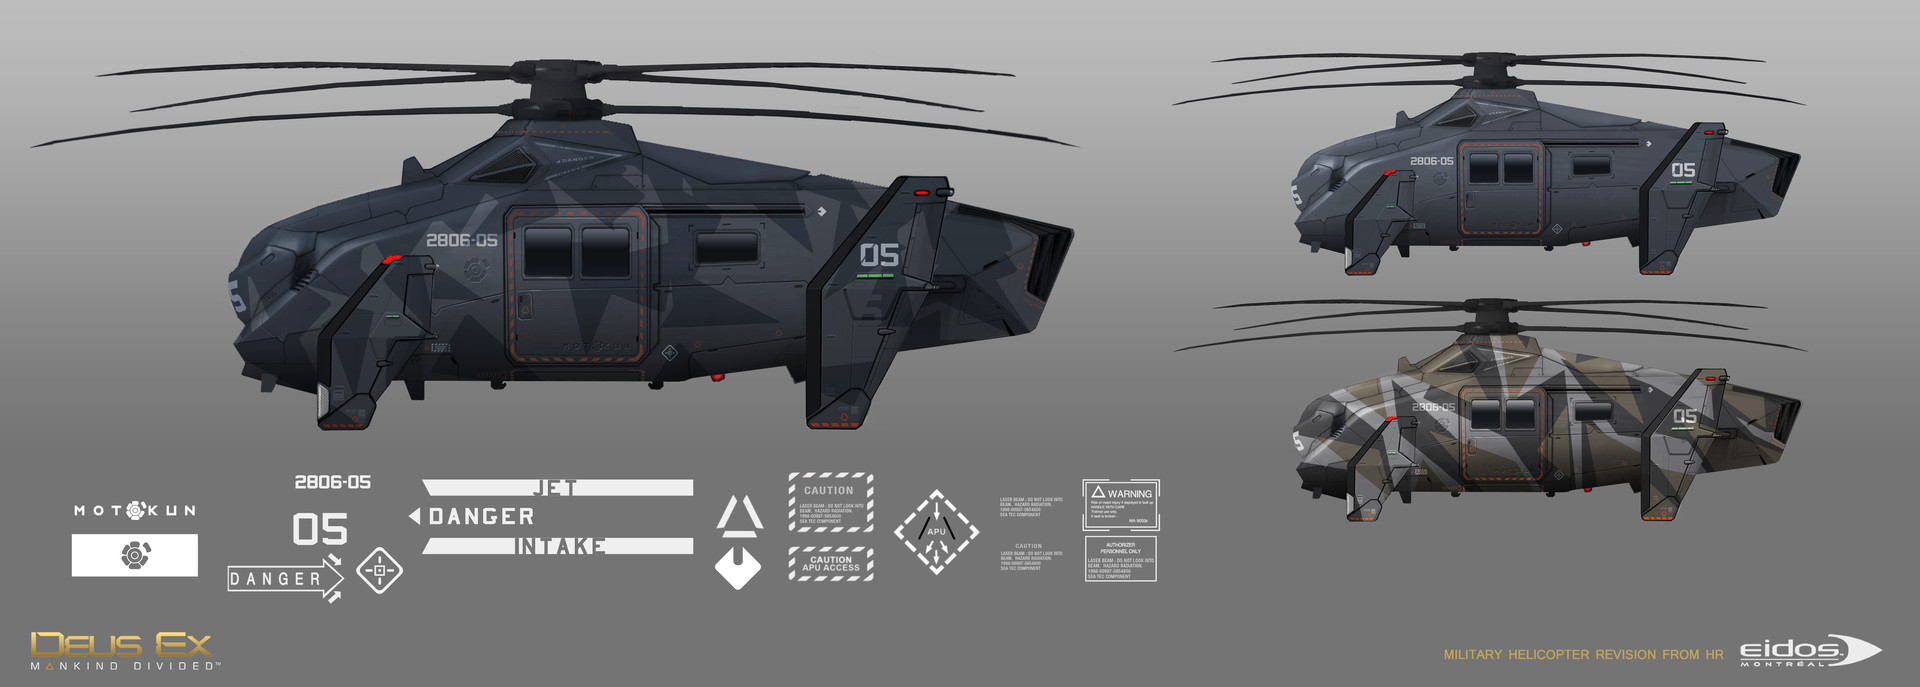 https://cdnb.artstation.com/p/assets/images/images/003/517/287/large/martin-sabran-msabran-militarychopperrevision-concept1.jpg?1474563365